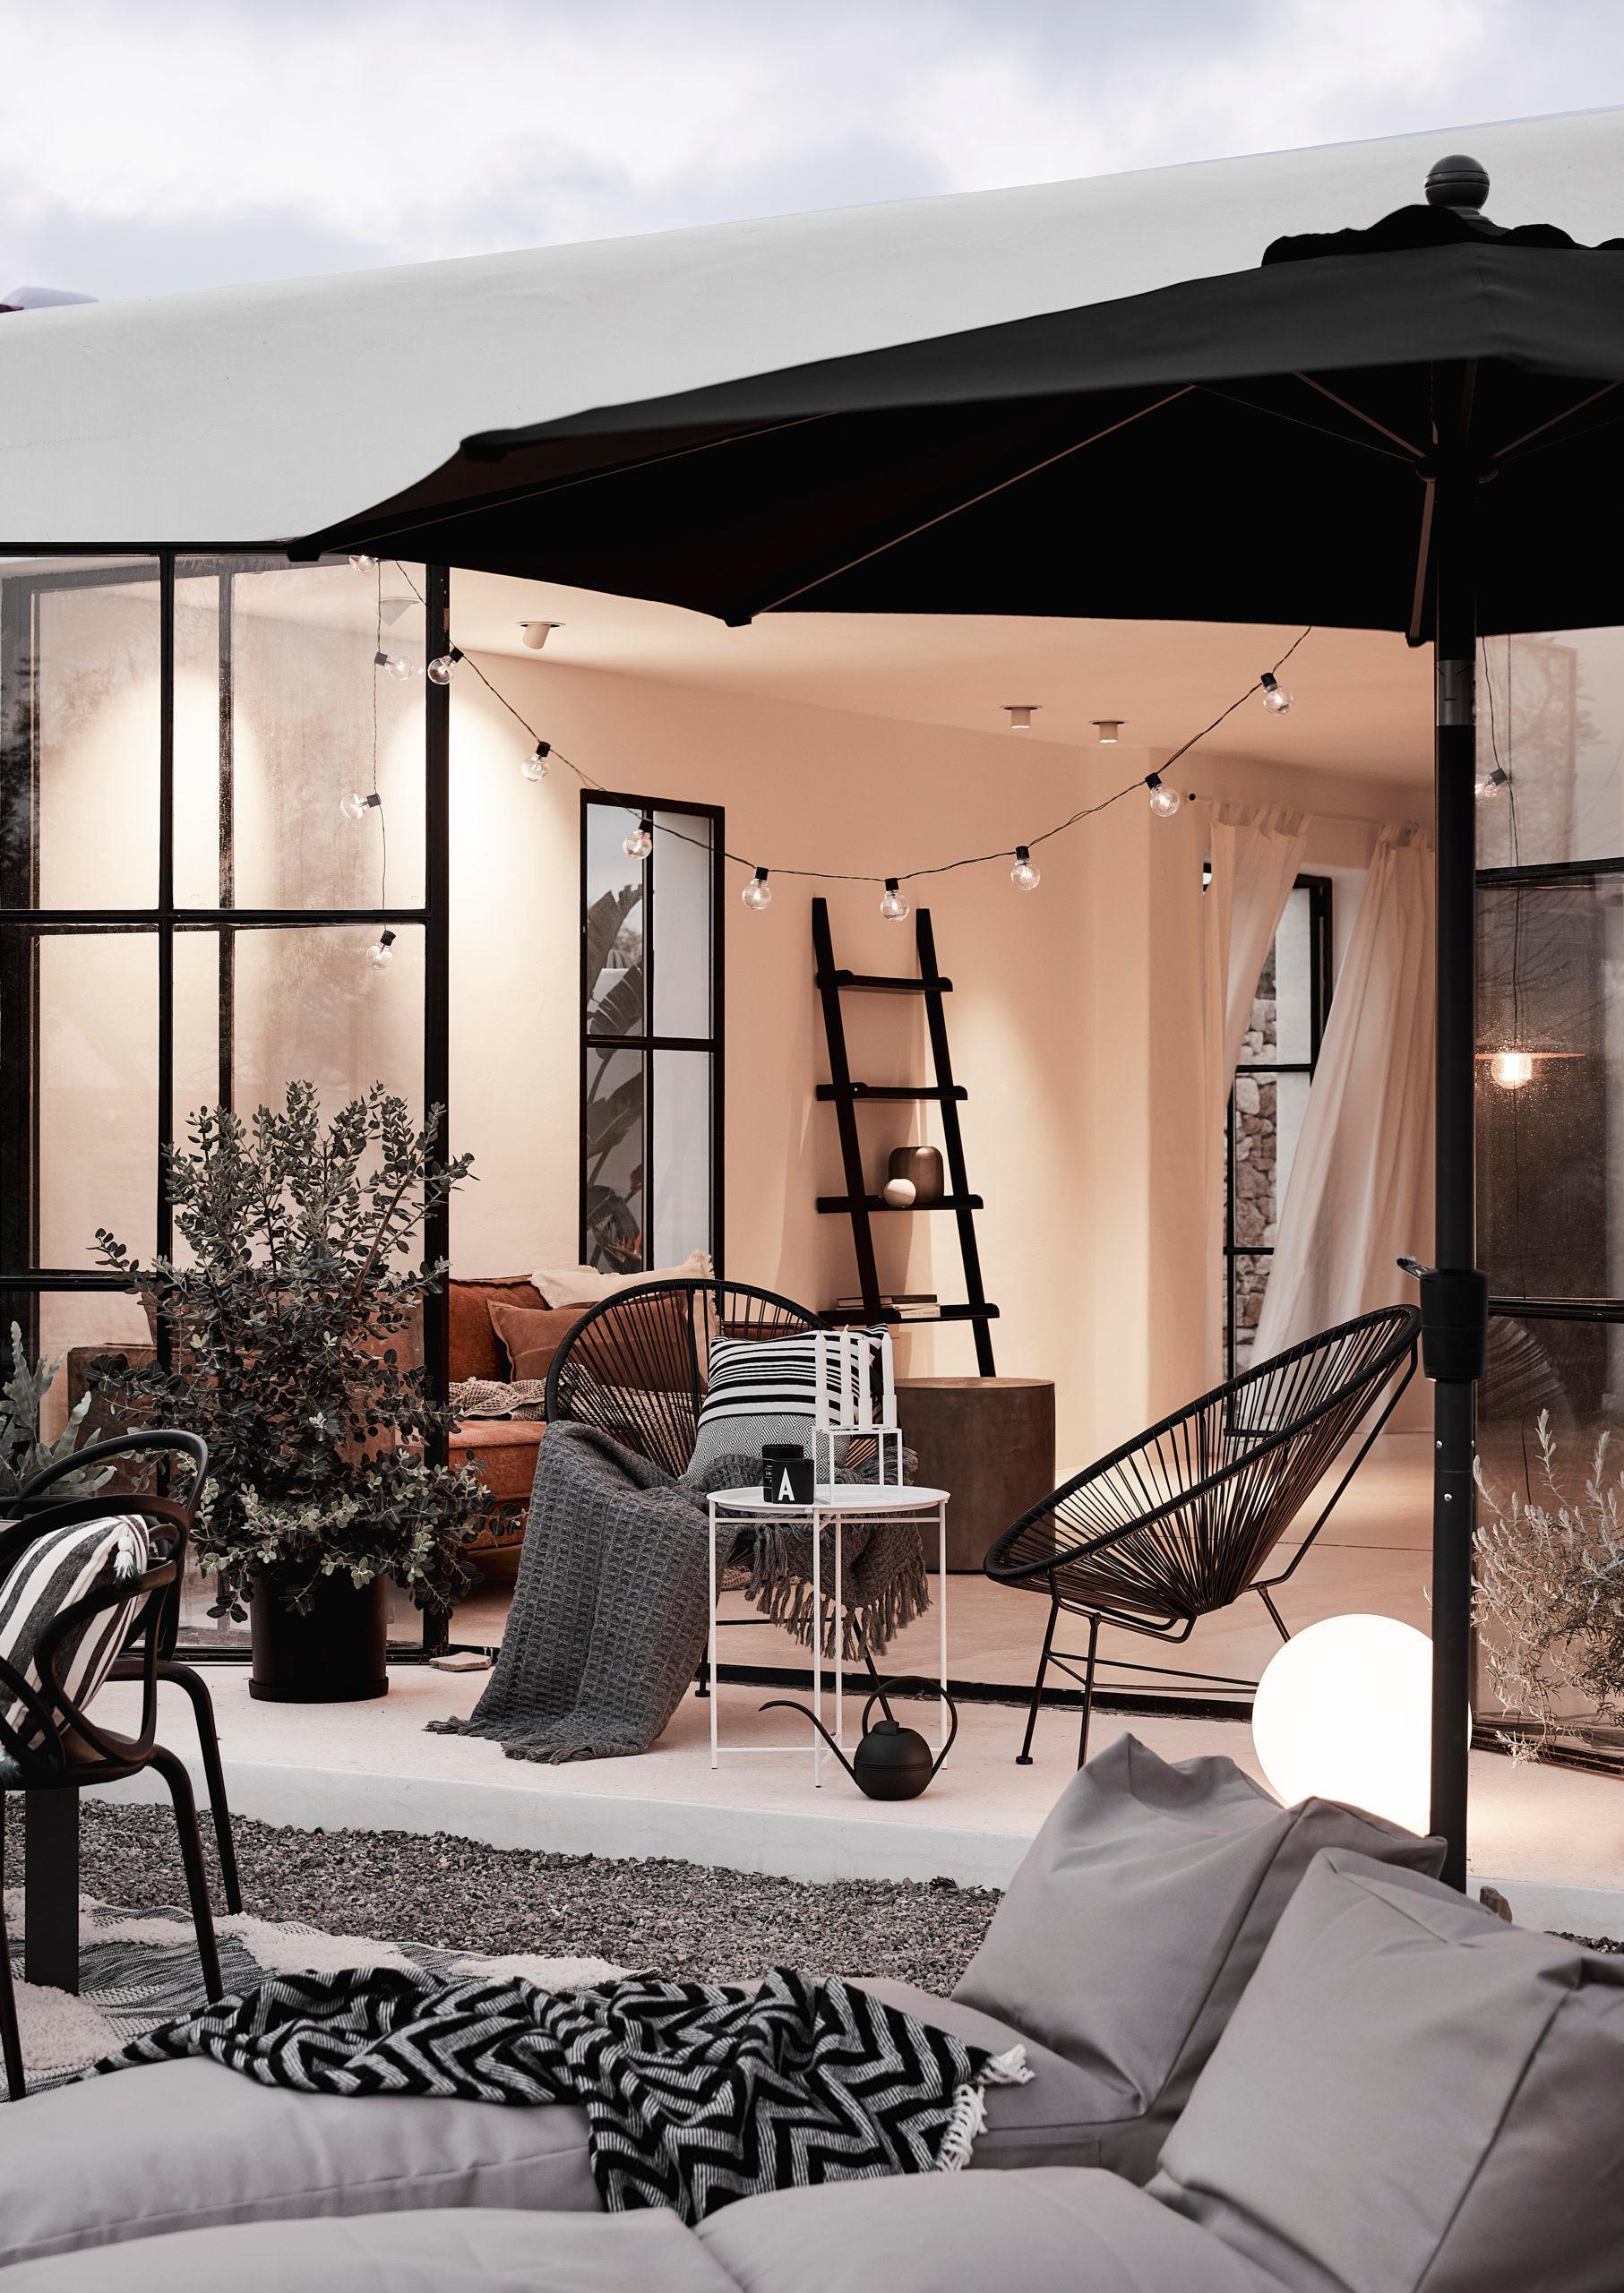 Przydomowe patio z dwoma krzesłami oraz dekoracjami